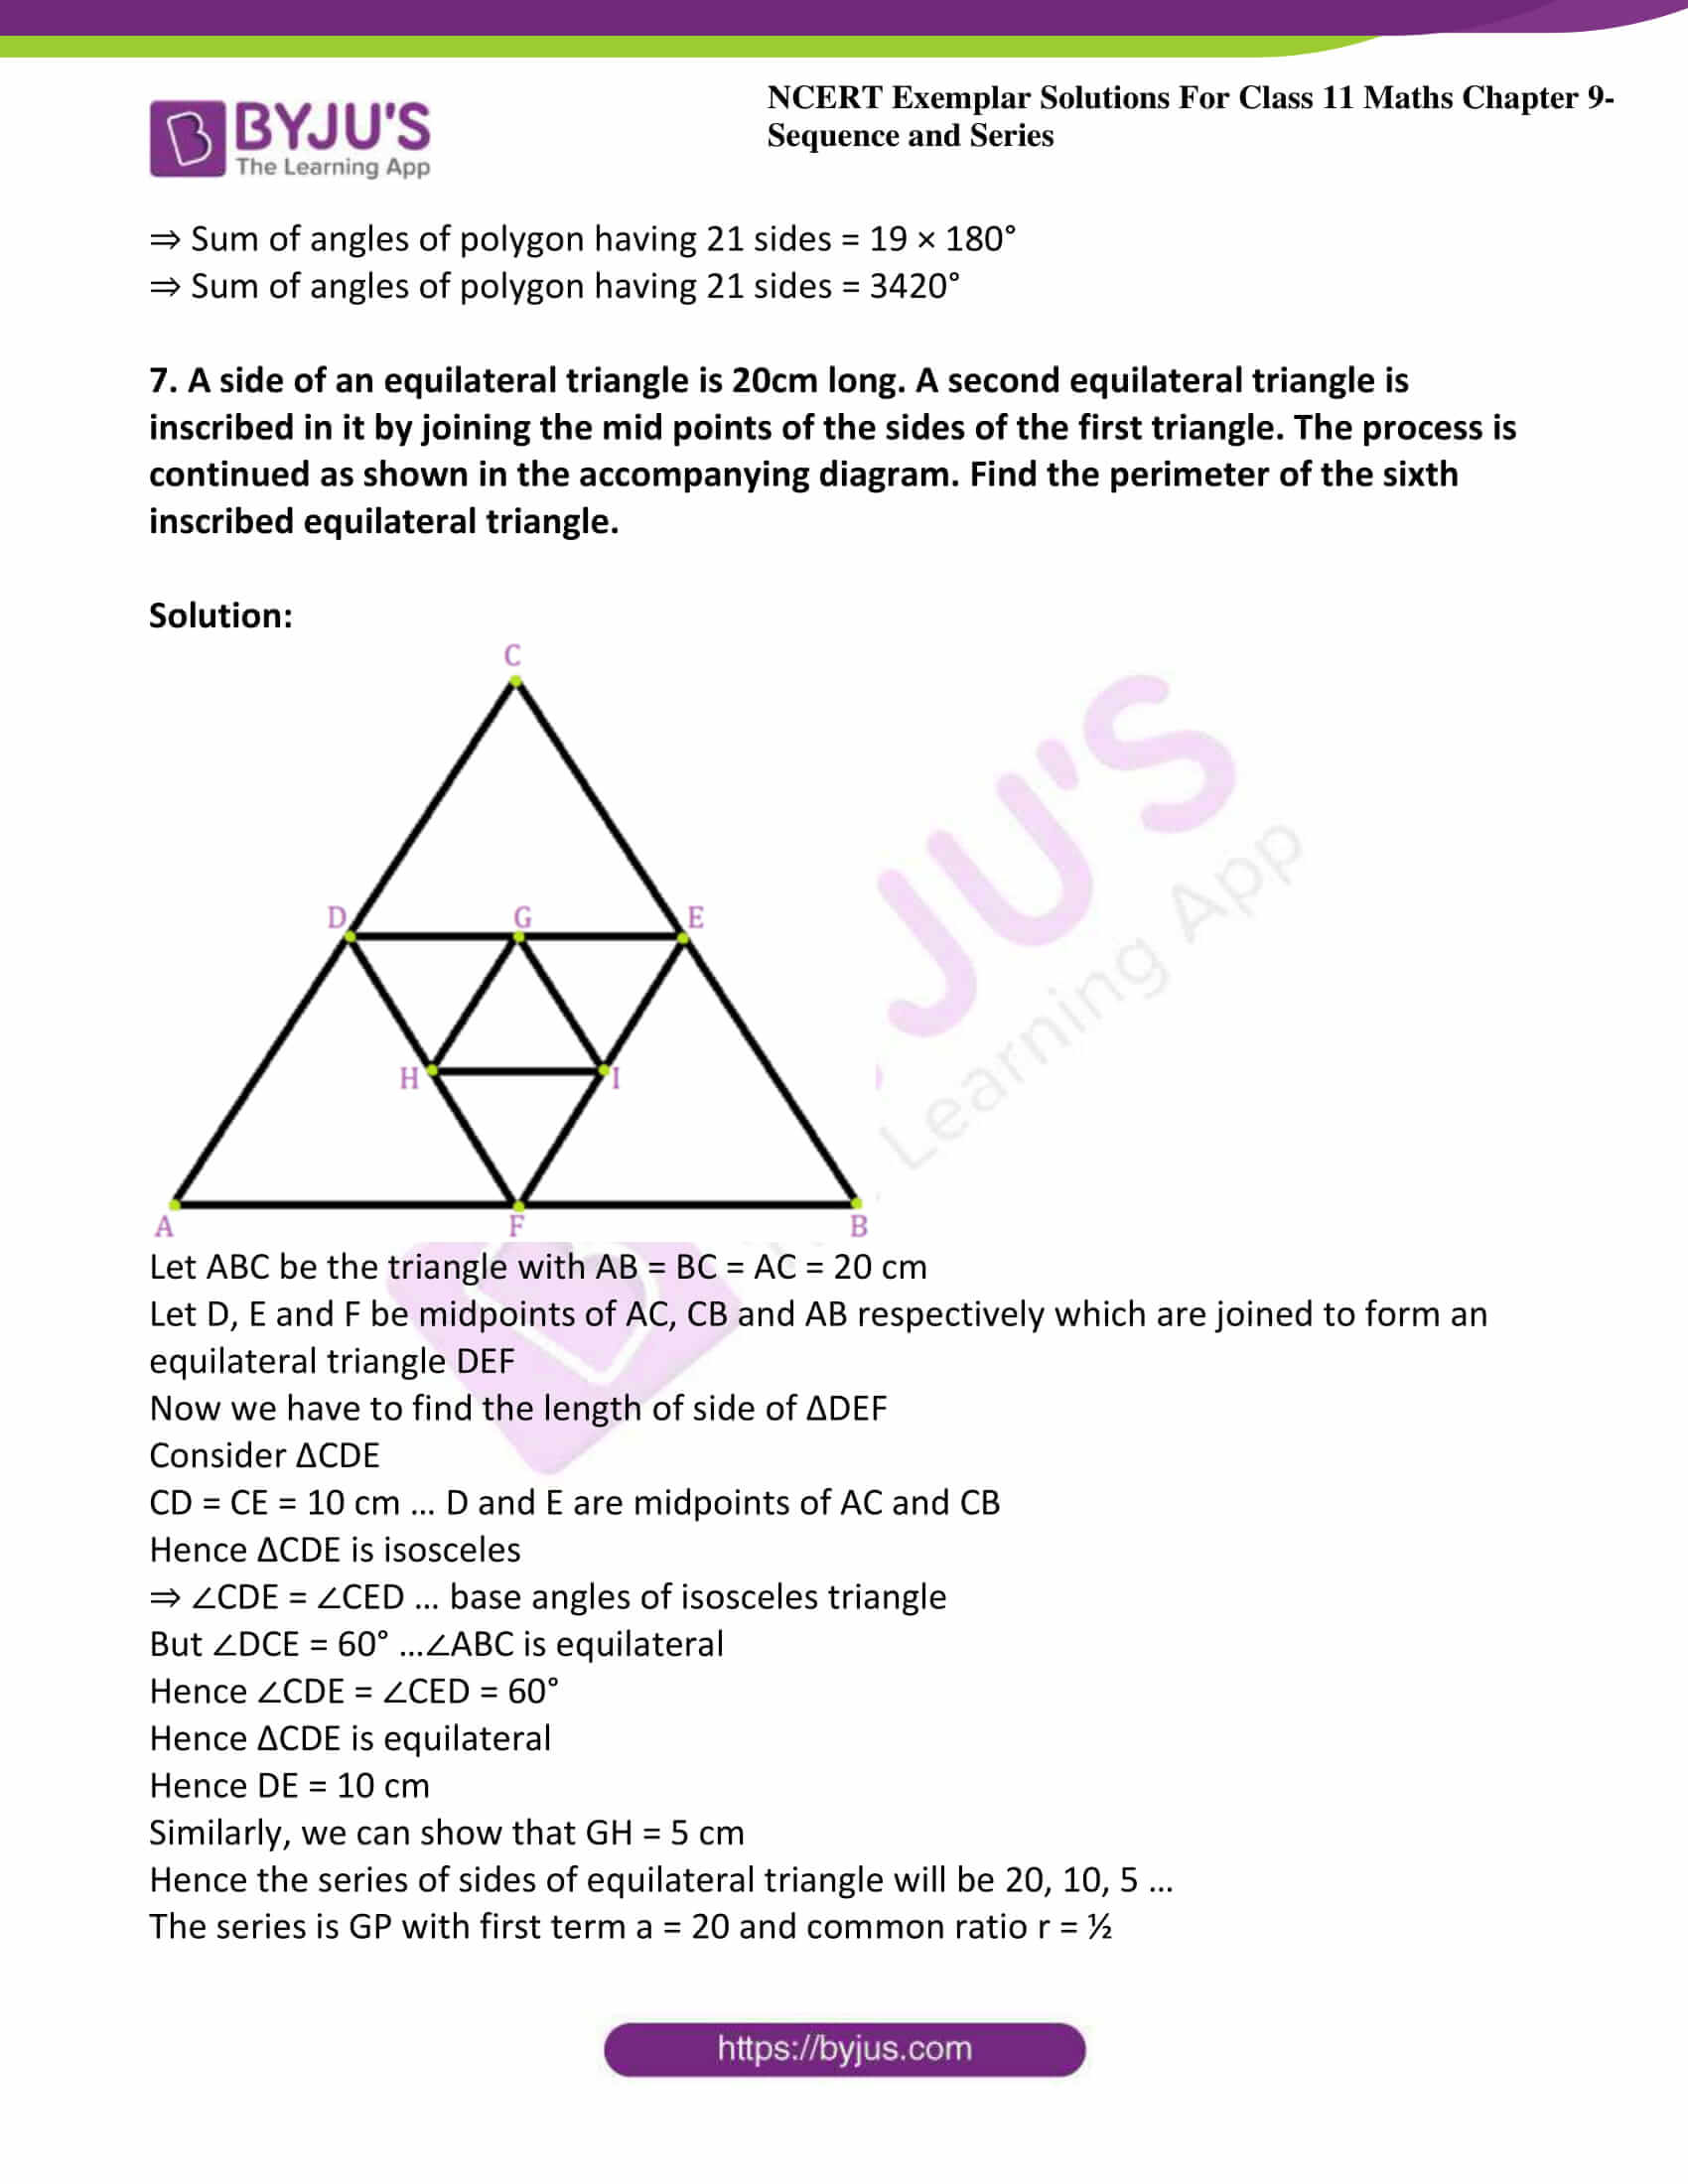 ncert exemplar sol class 11 maths chpt 9 sequence 07